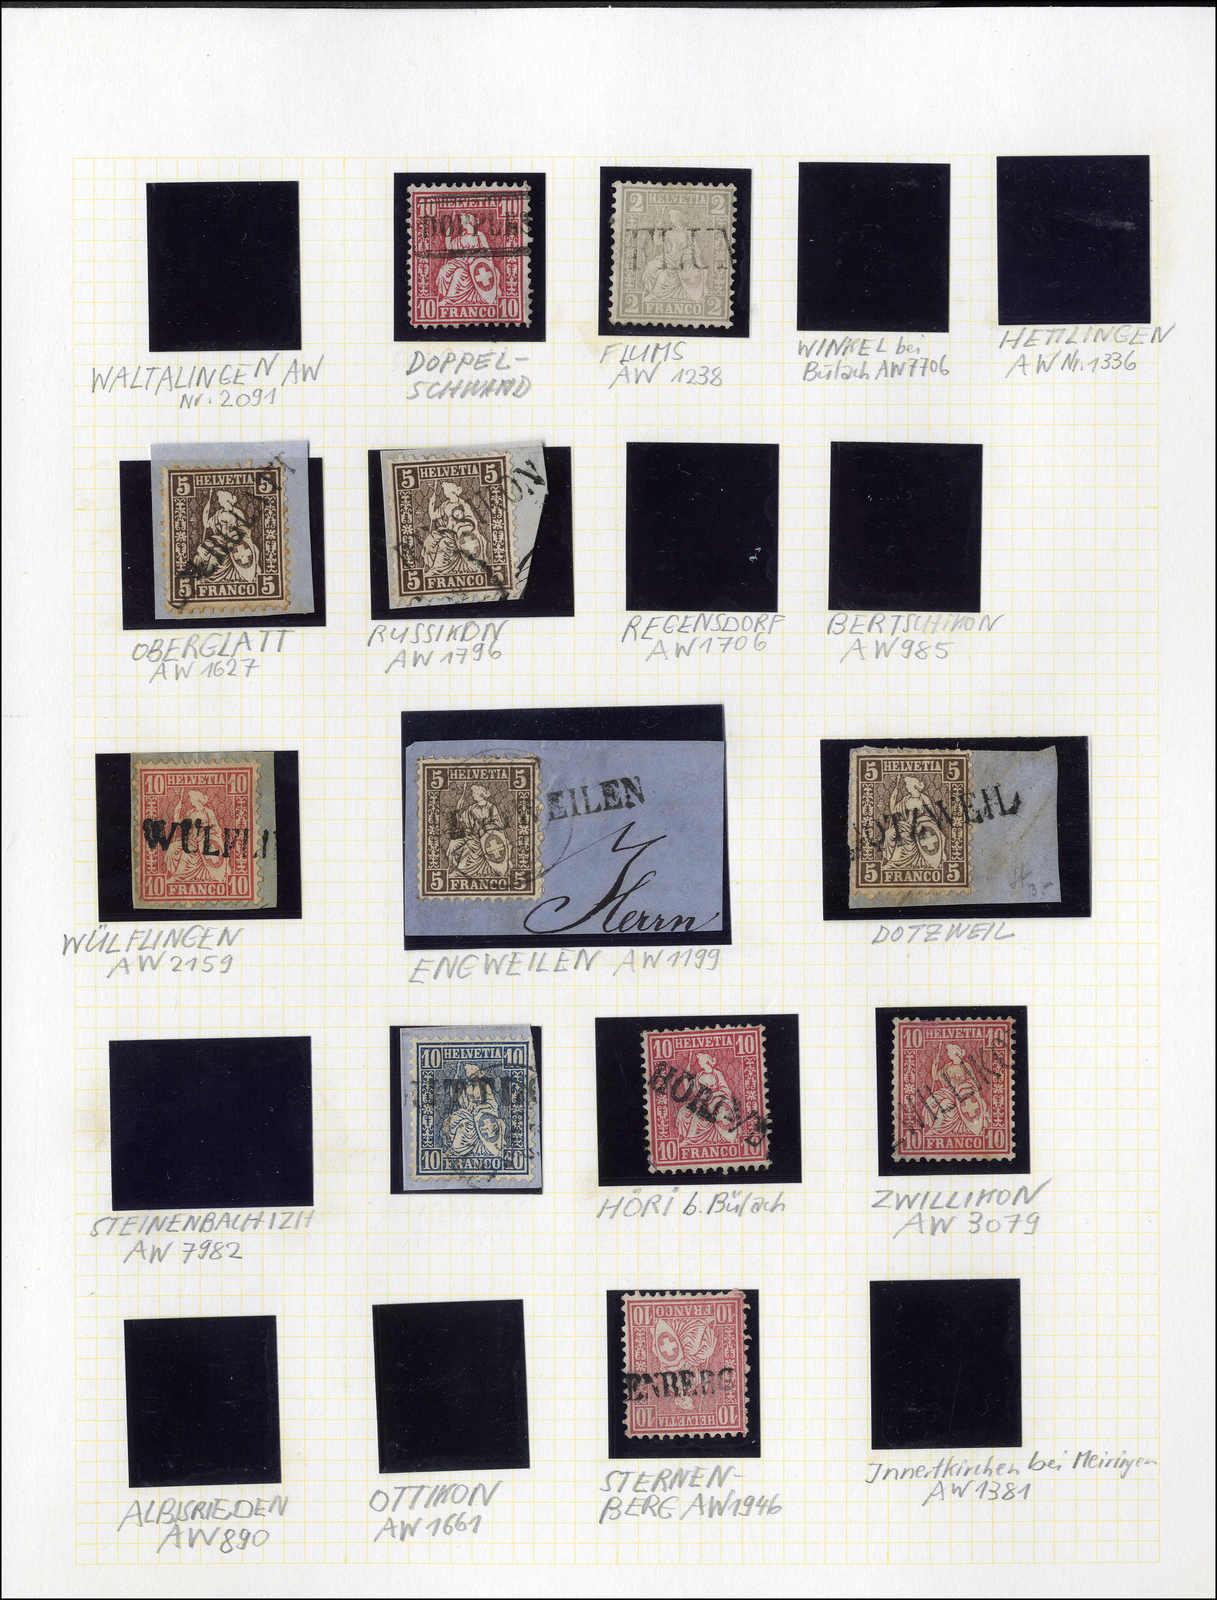 Lot 124 - schweiz Schweiz Strubel -  Rolli Auctions Auction #68 Day 1